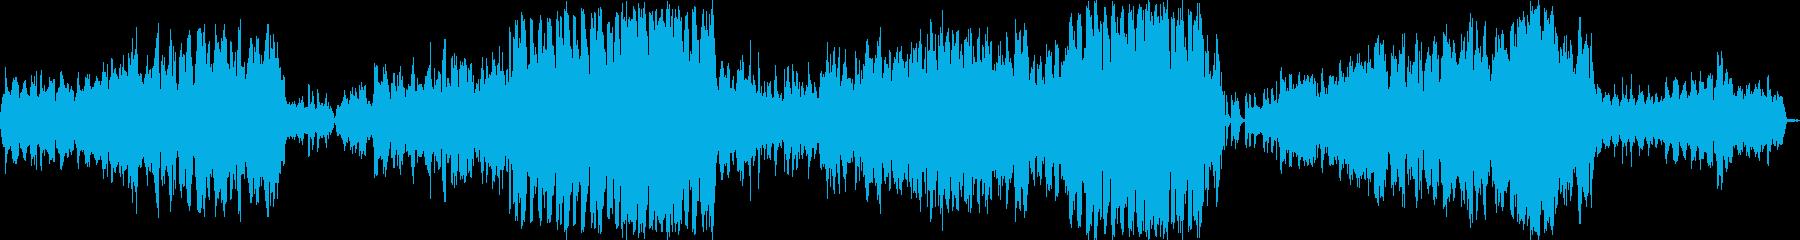 広大な美しい響きの感動的ストリングス音楽の再生済みの波形